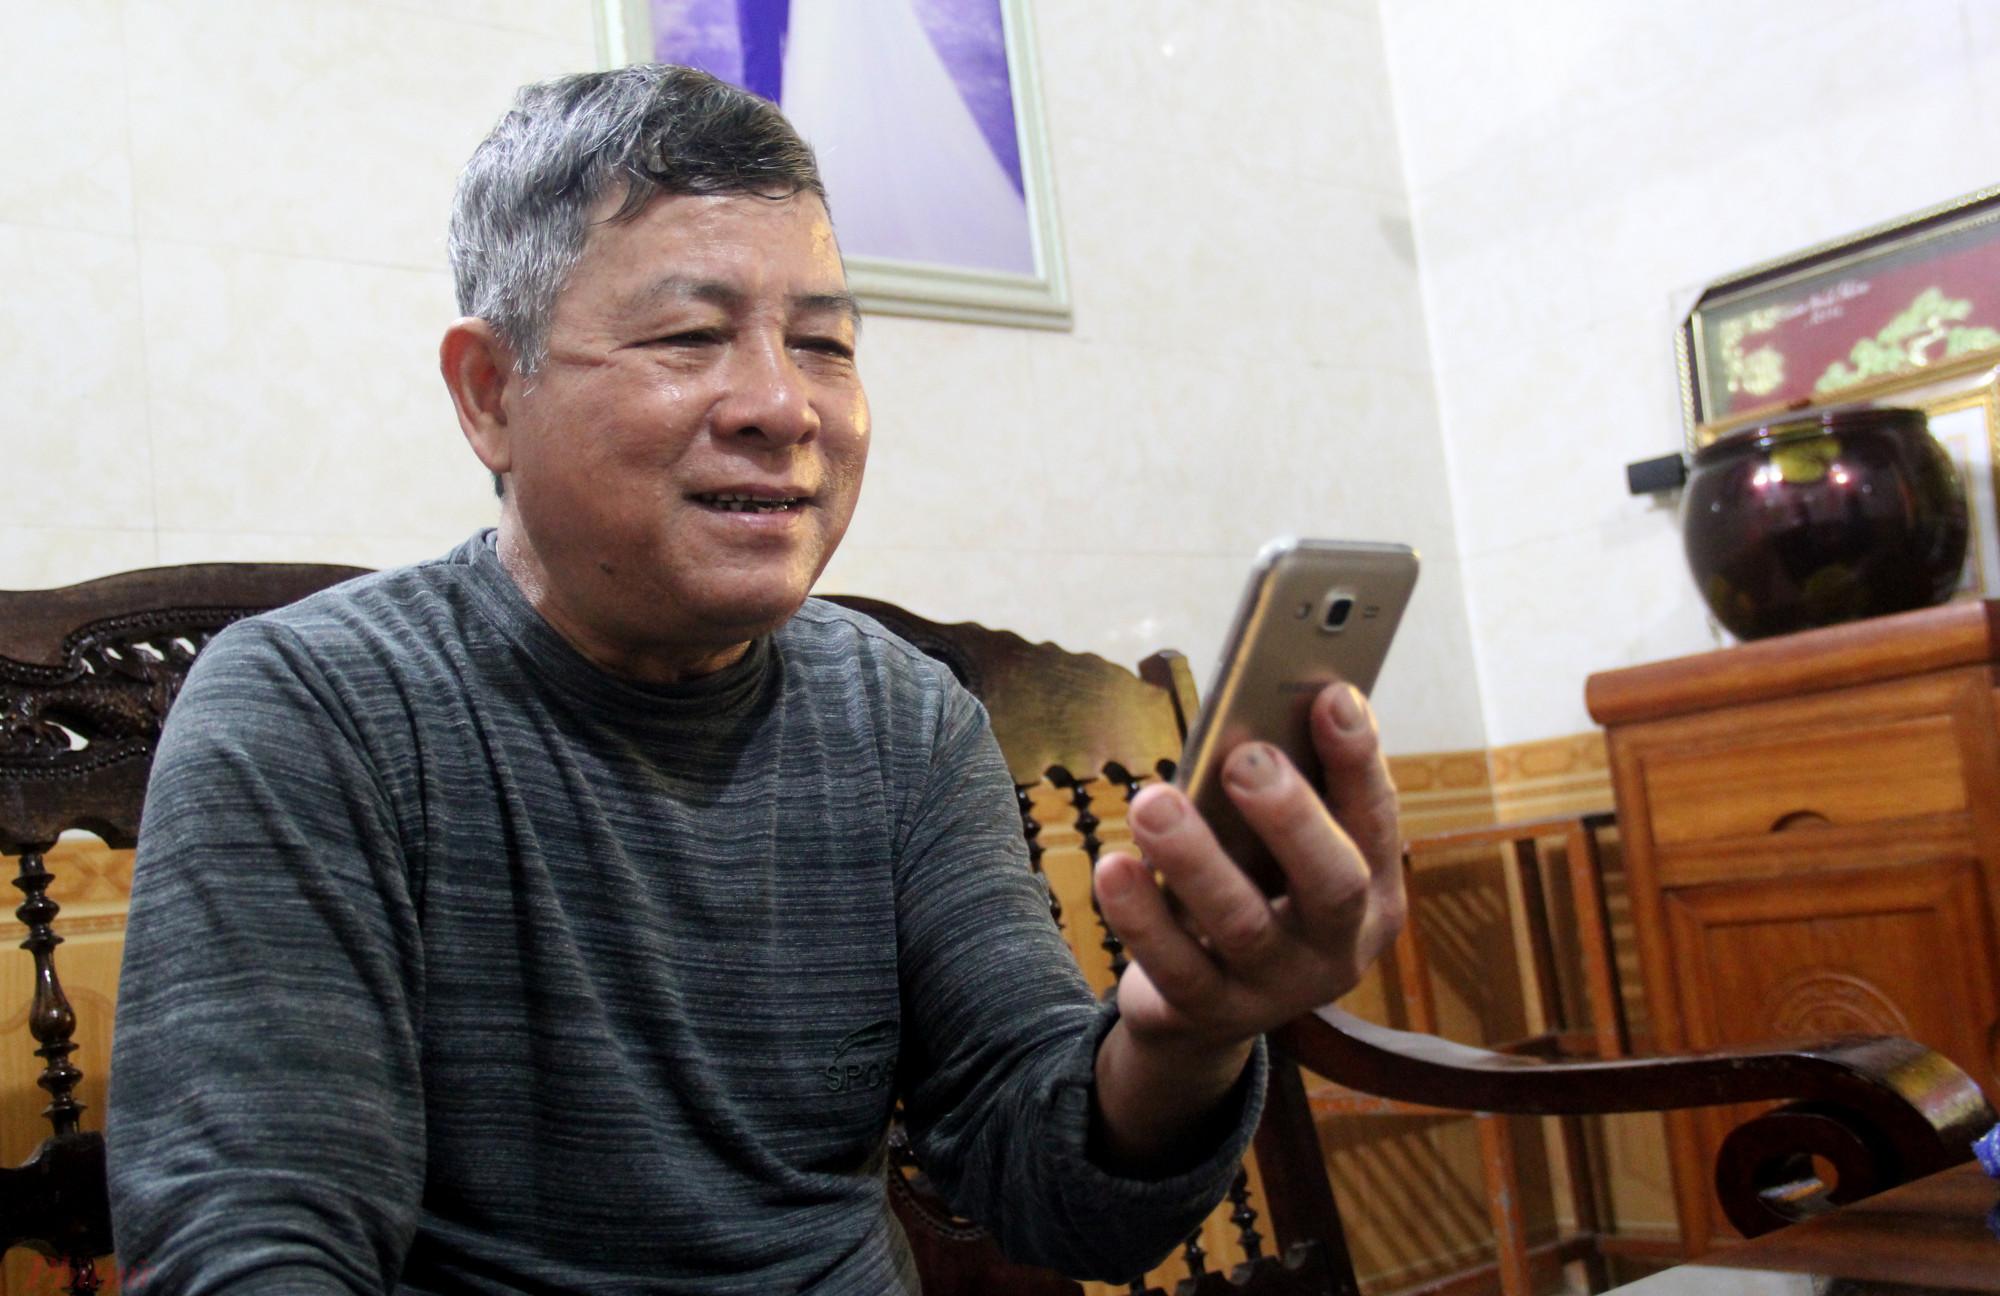 Ông Thương nhận lời chúc tết sớm của con trai qua điện thoại